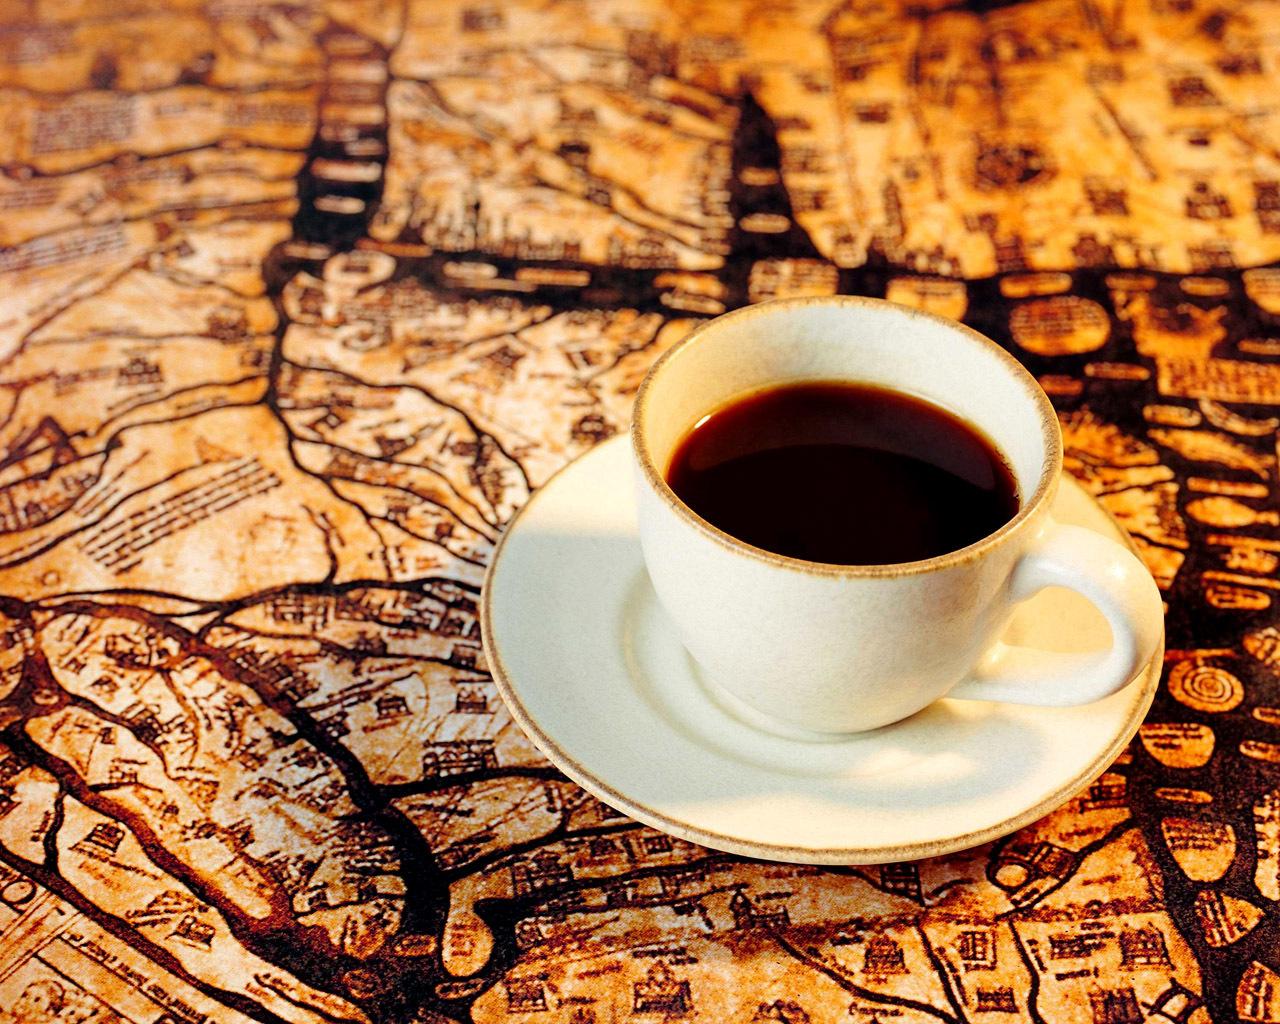 Coffee Coffee Wallpaper 13874185 Fanpop